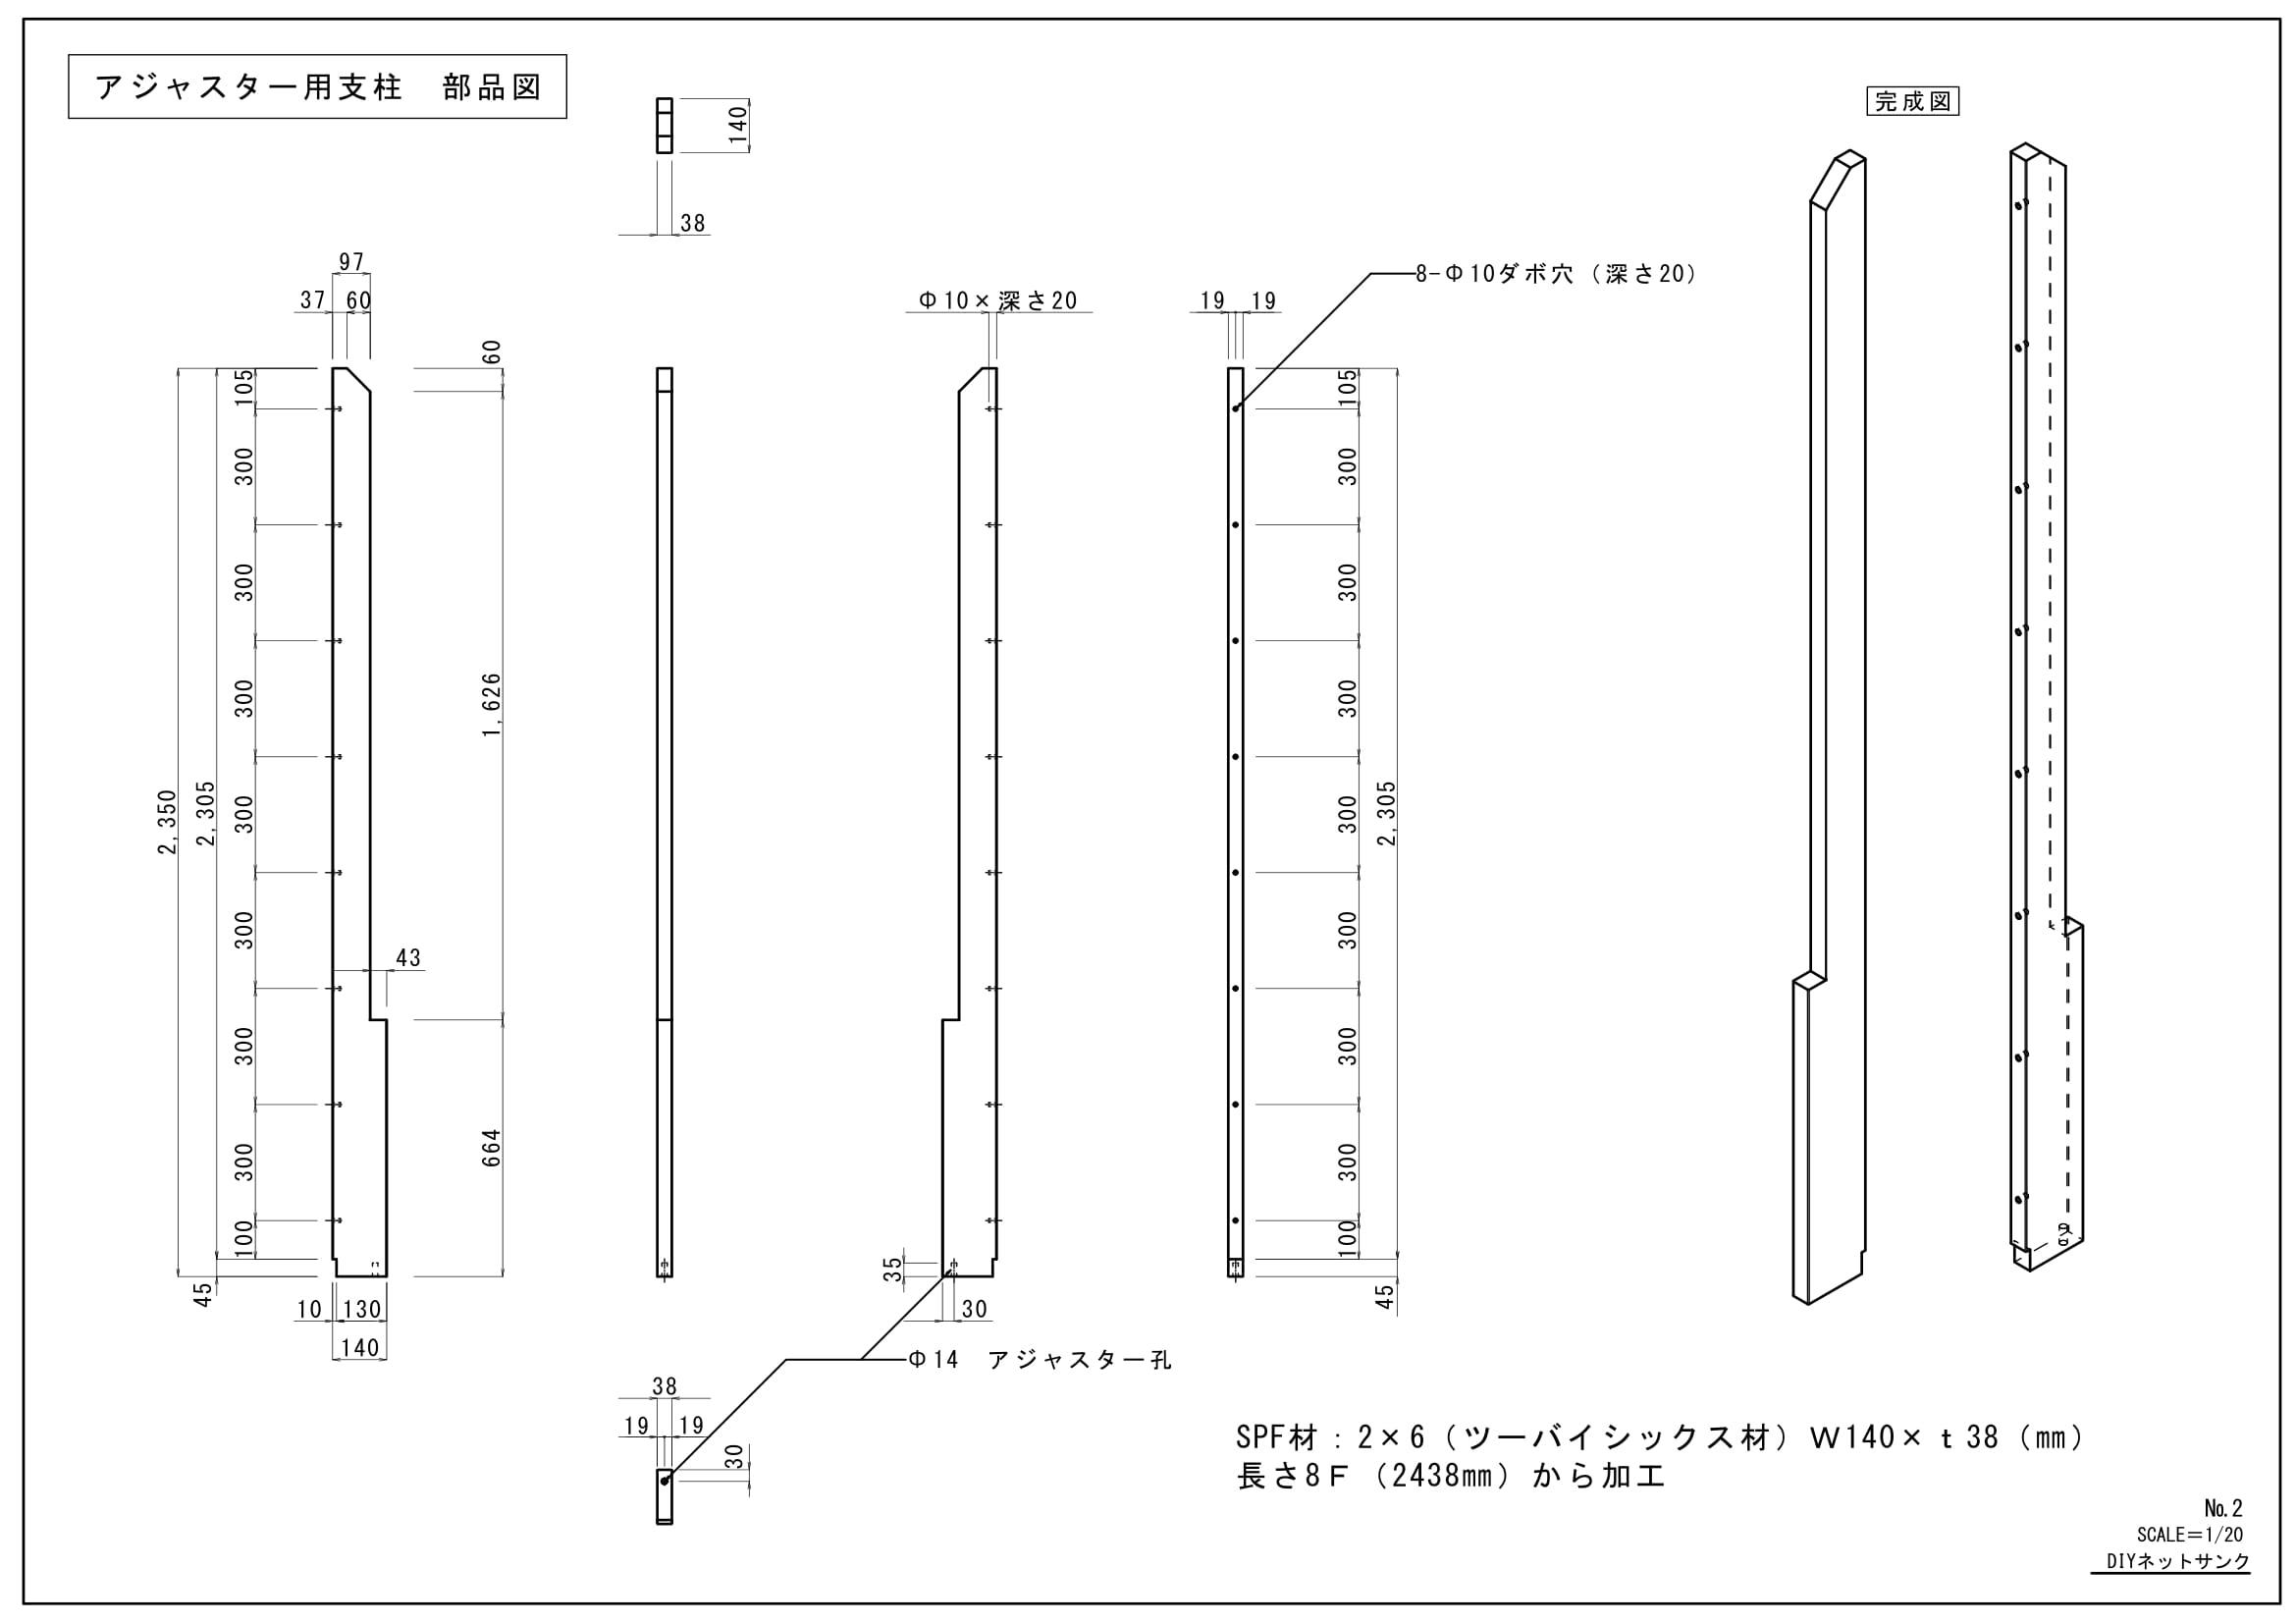 №2 ディアウォール本棚図面 支柱部品図